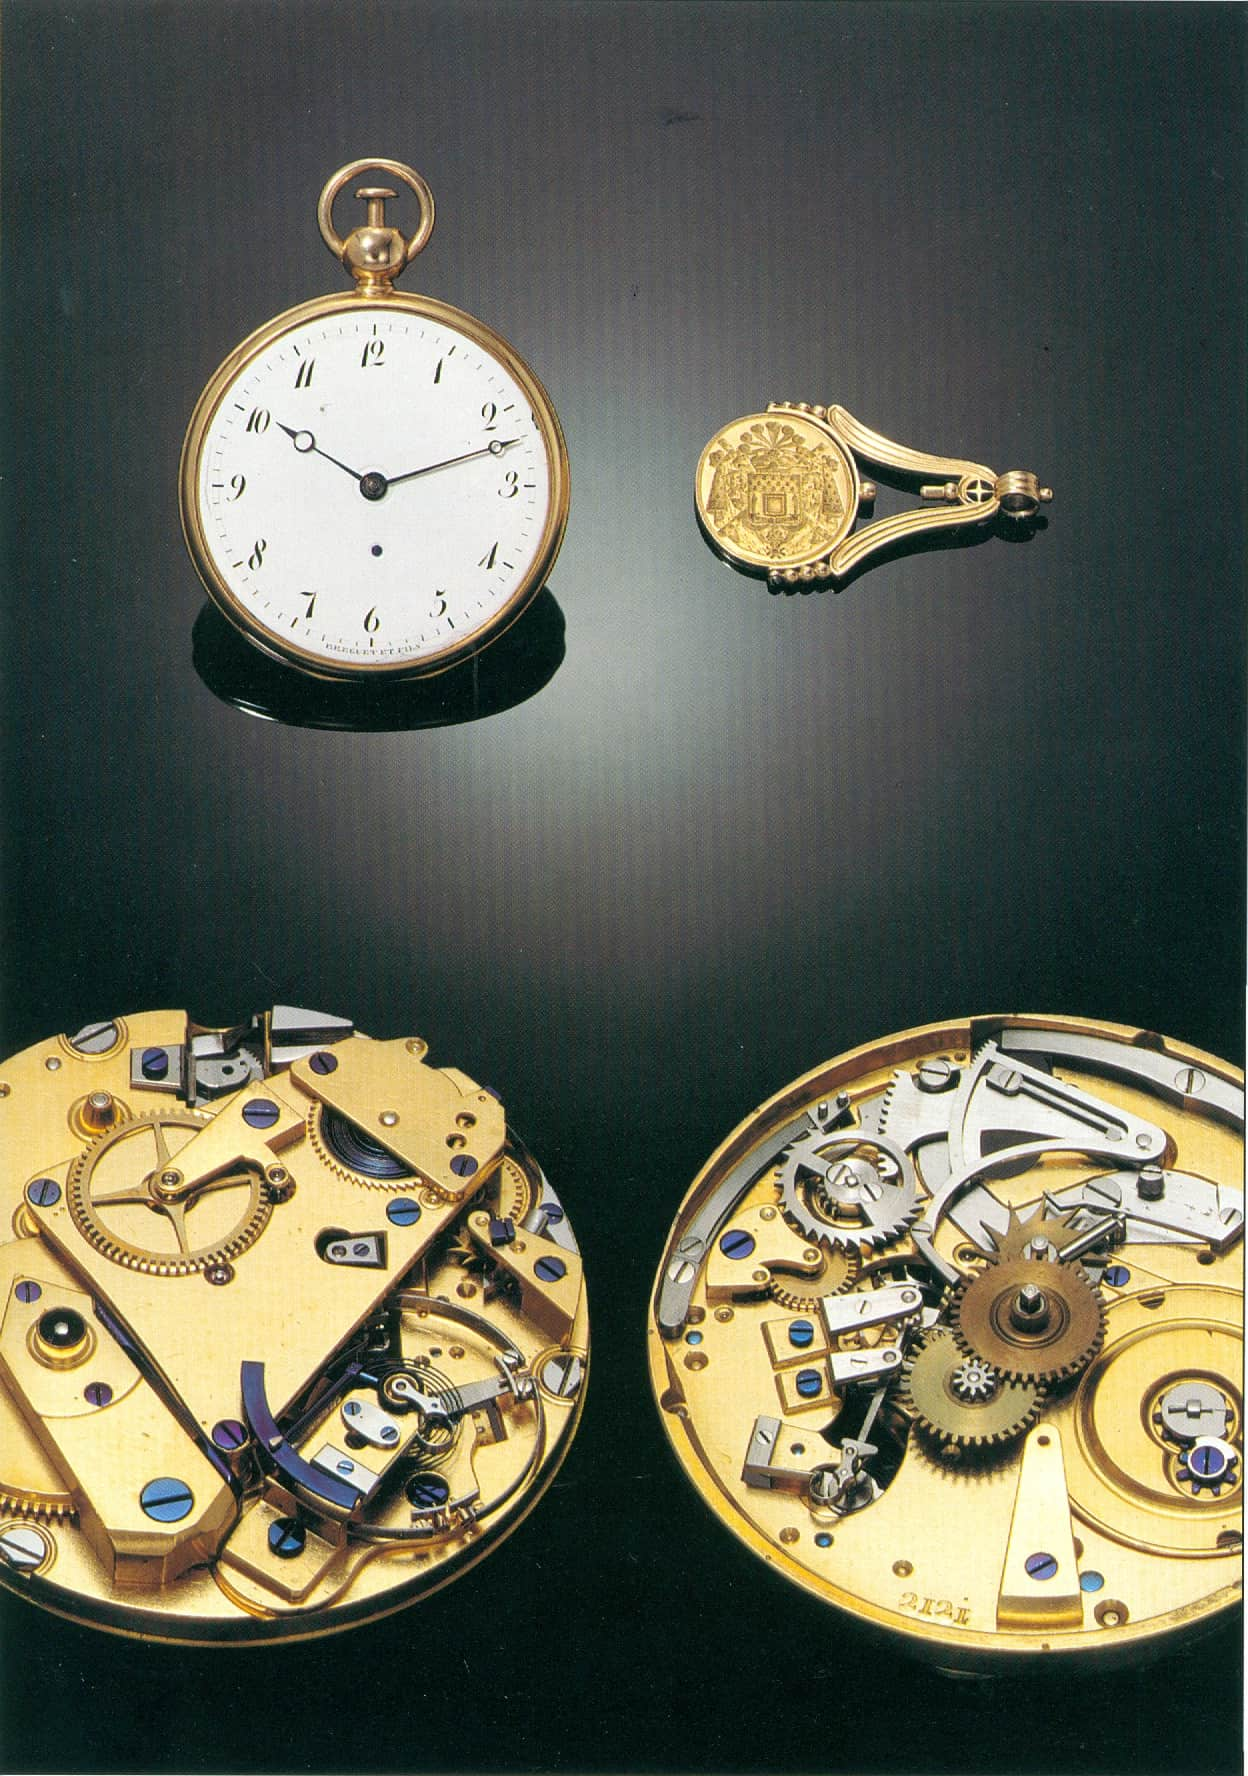 Breguet Taschenuhr 2121 mit Achtelrepetition